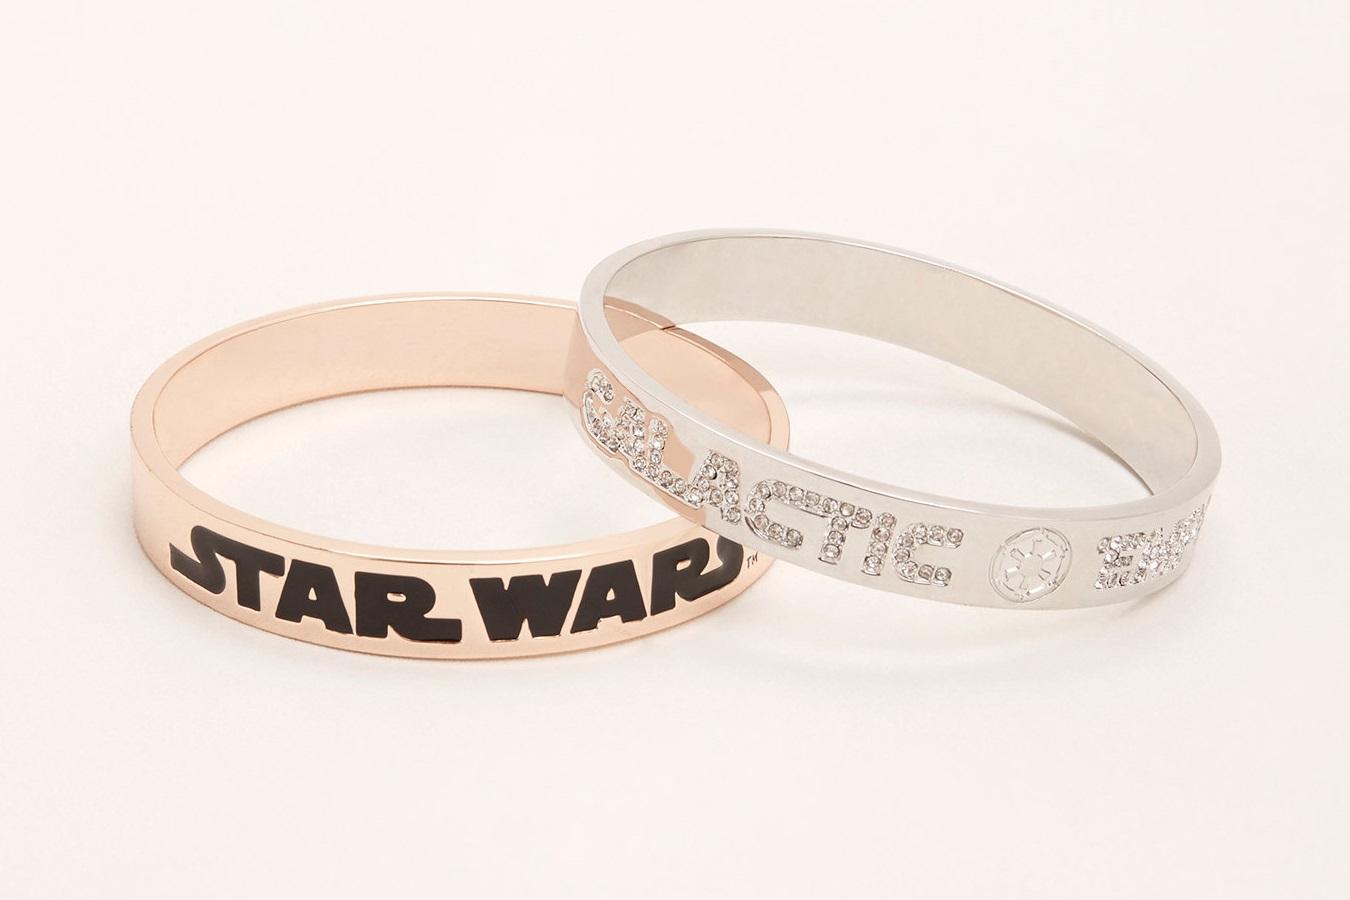 Women's Star Wars Bangle Set at Torrid